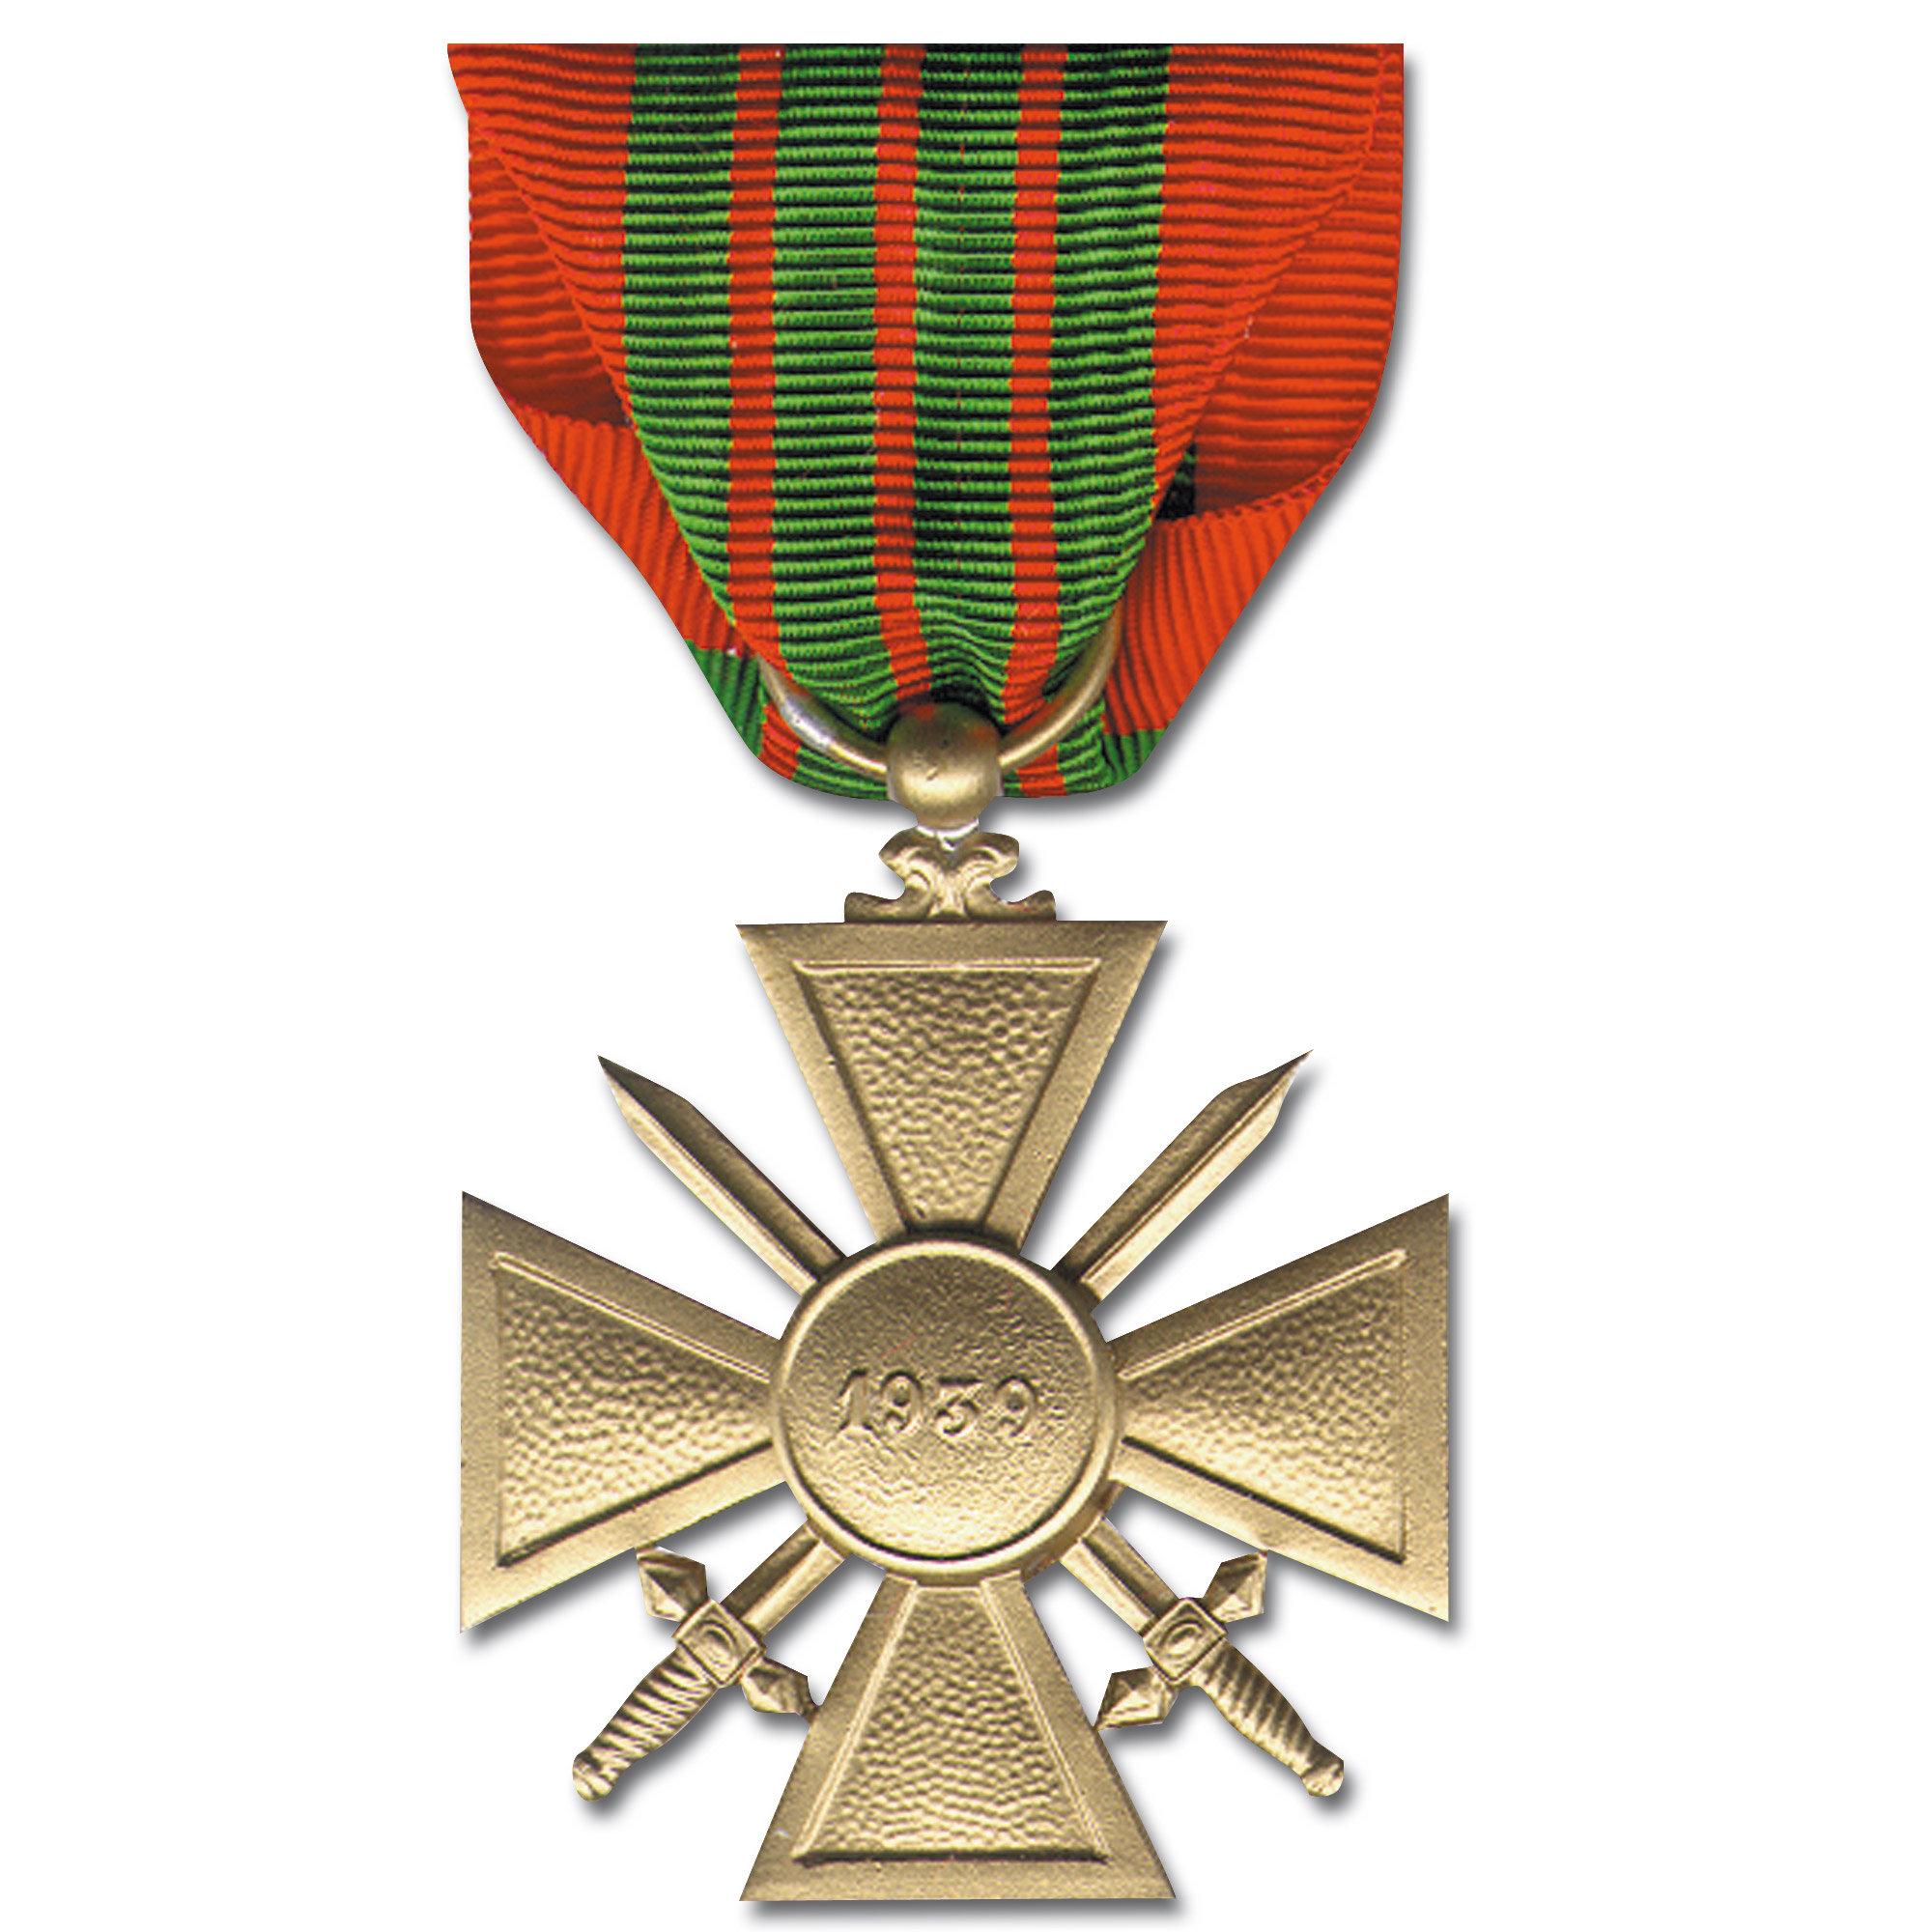 Croce al merito di guerra 1939-1945